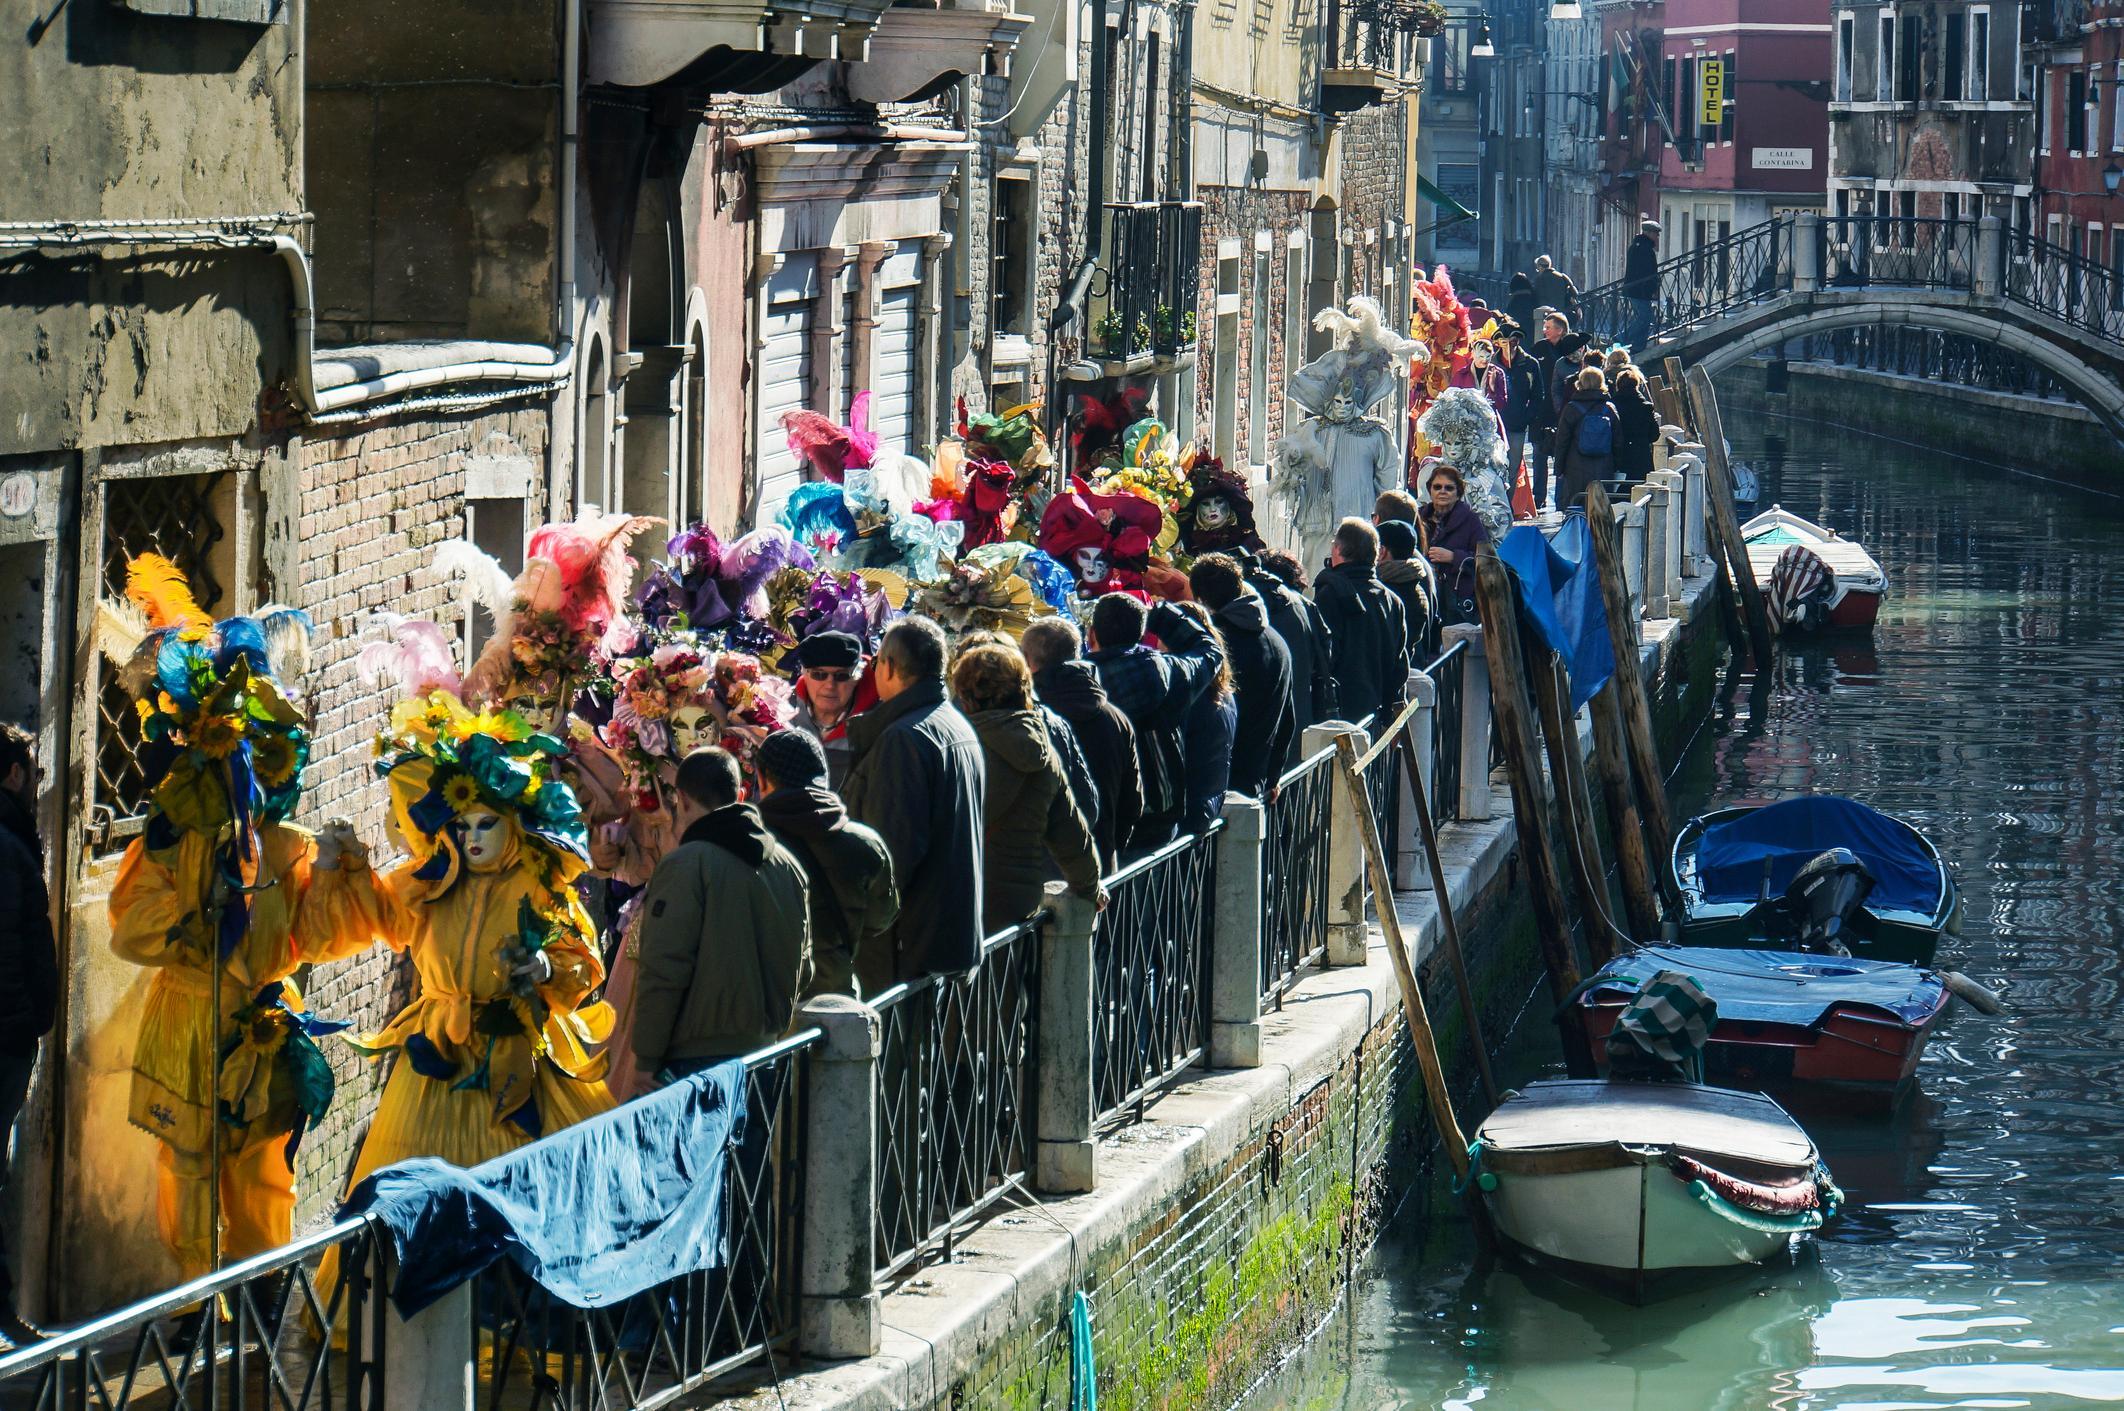 Venice Carnival procession